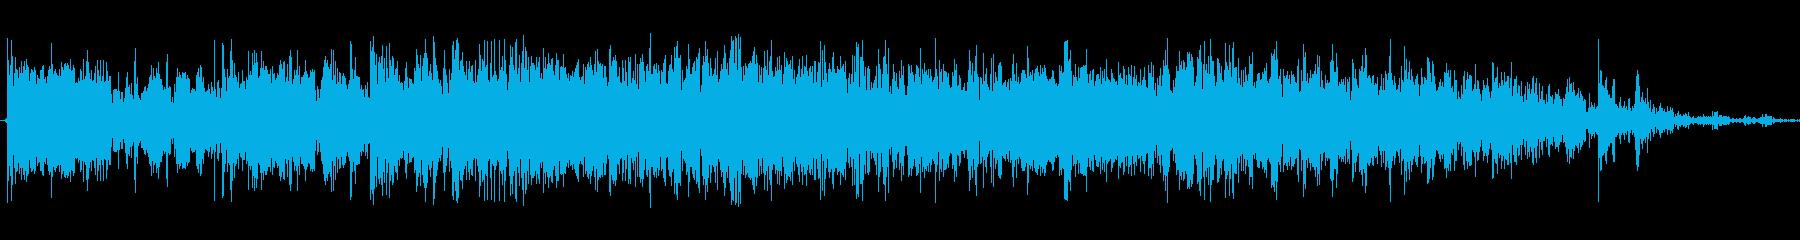 多めの硬貨を早く机に落とす音Cの再生済みの波形